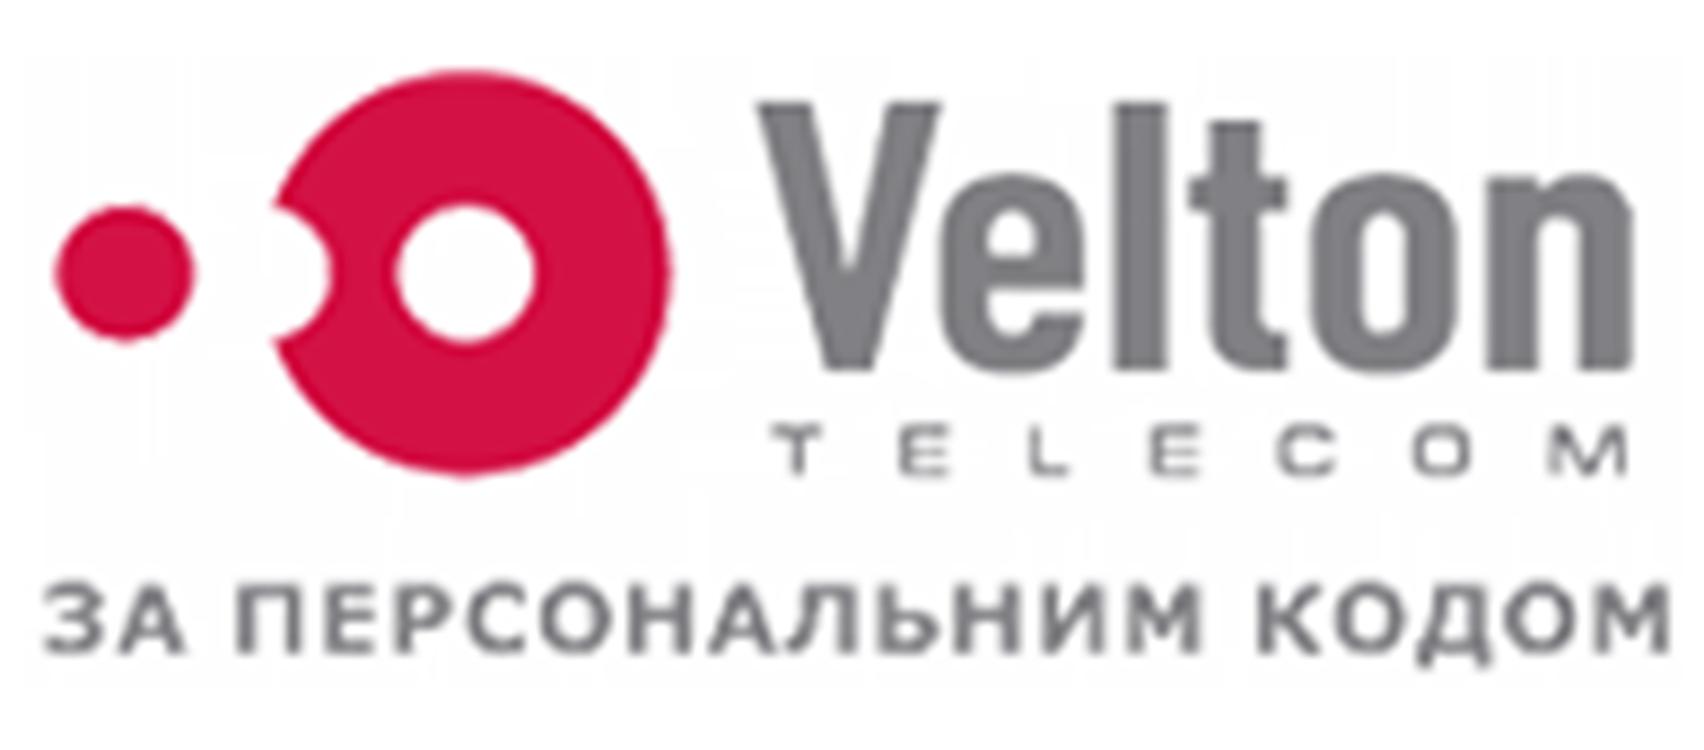 Velton Telecom (за персональным кодом)